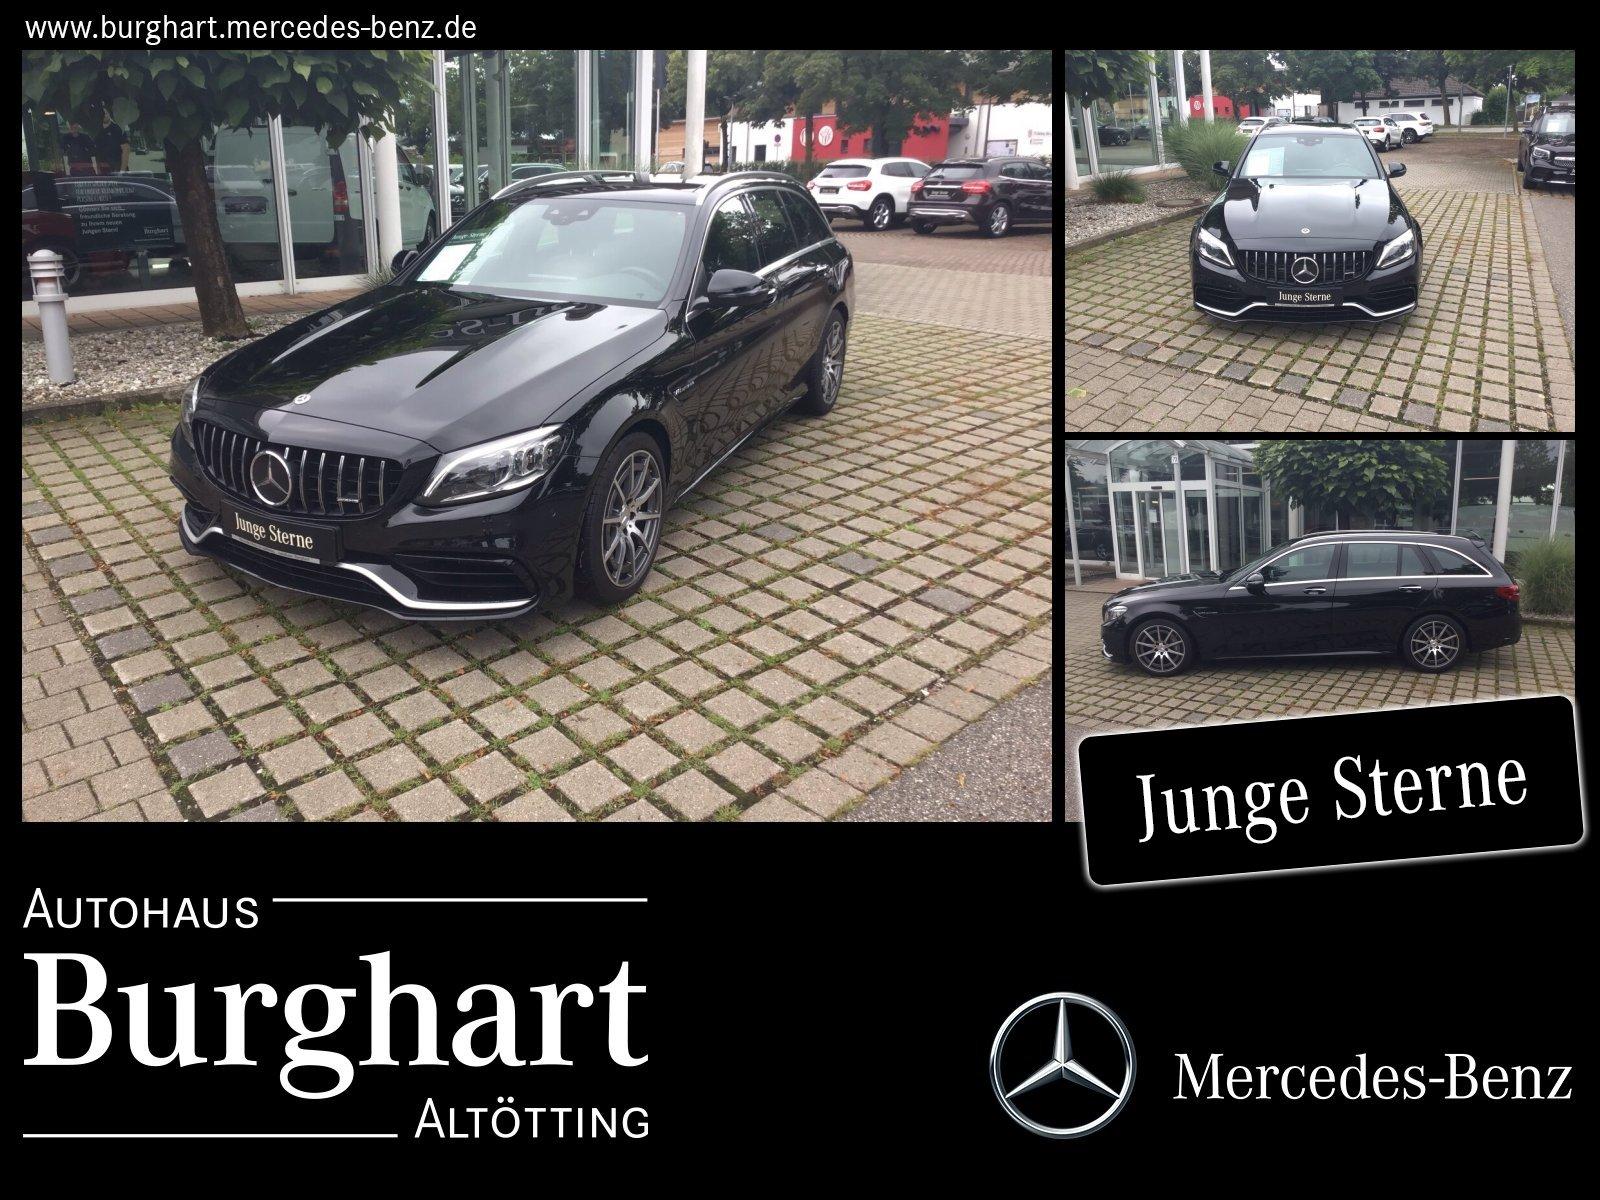 Mercedes-Benz Mercedes-AMG C 63 T PanoDach/COMAND/MultibeamLED, Jahr 2019, Benzin